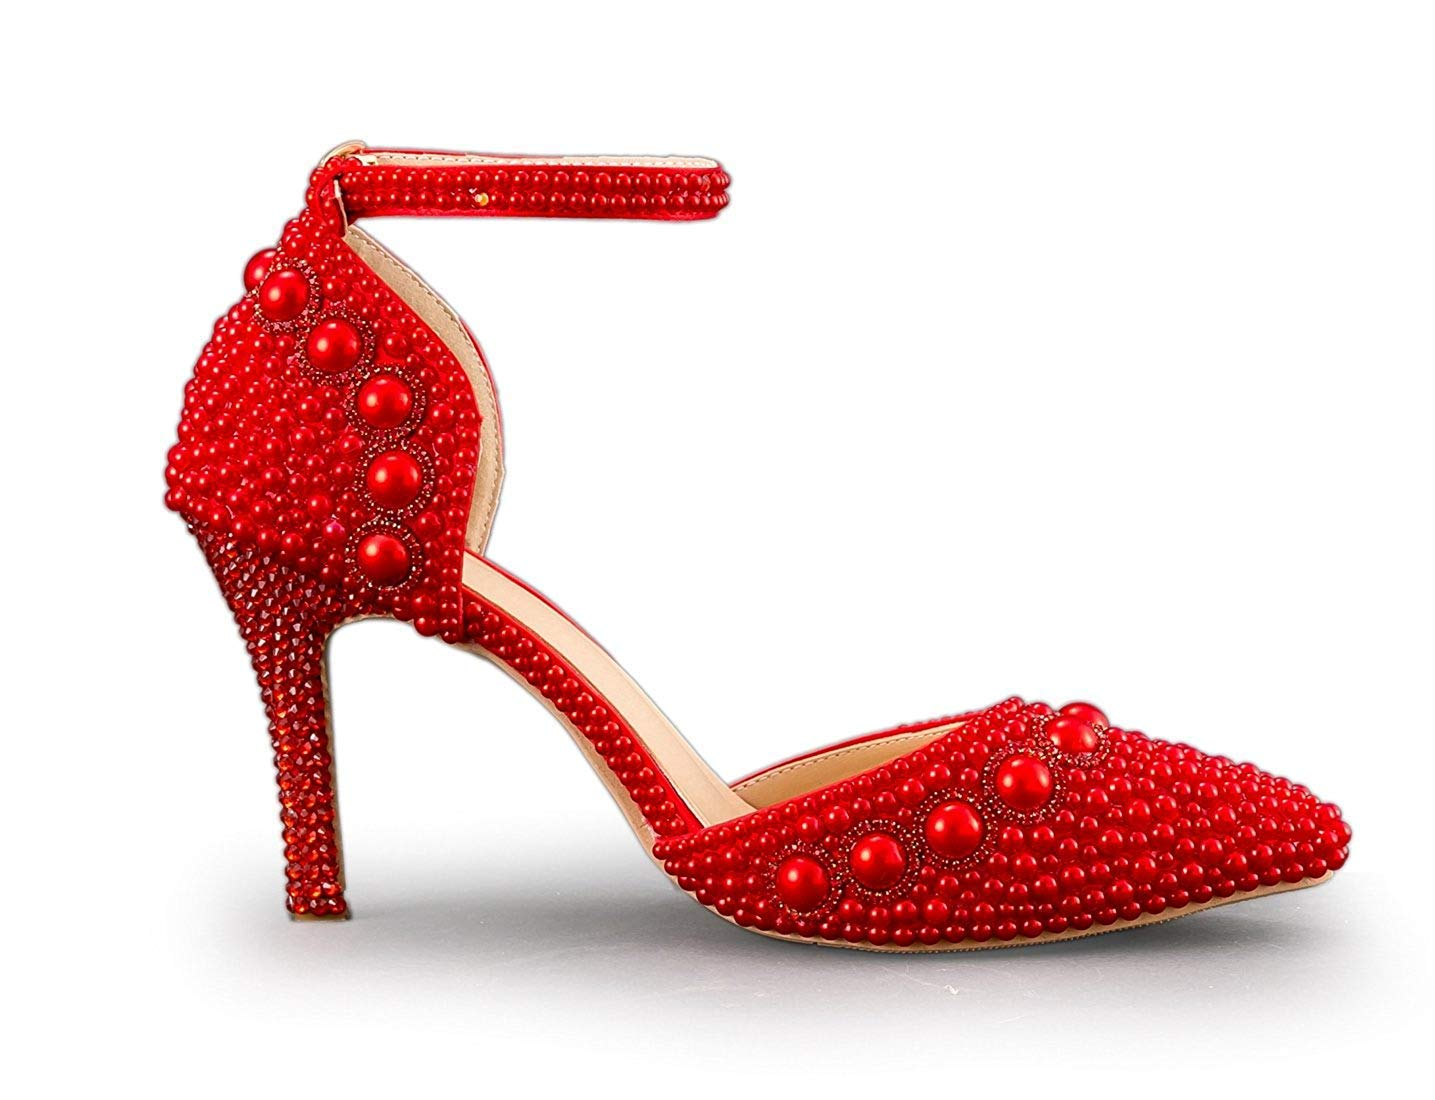 Qiusa Frauen Spitz Knöchelriemen Friesen Rot Hochzeit Hochzeit Hochzeit Besondere Anlässe Schuhe UK 5 (Farbe   -, Größe   -) 7fdb60